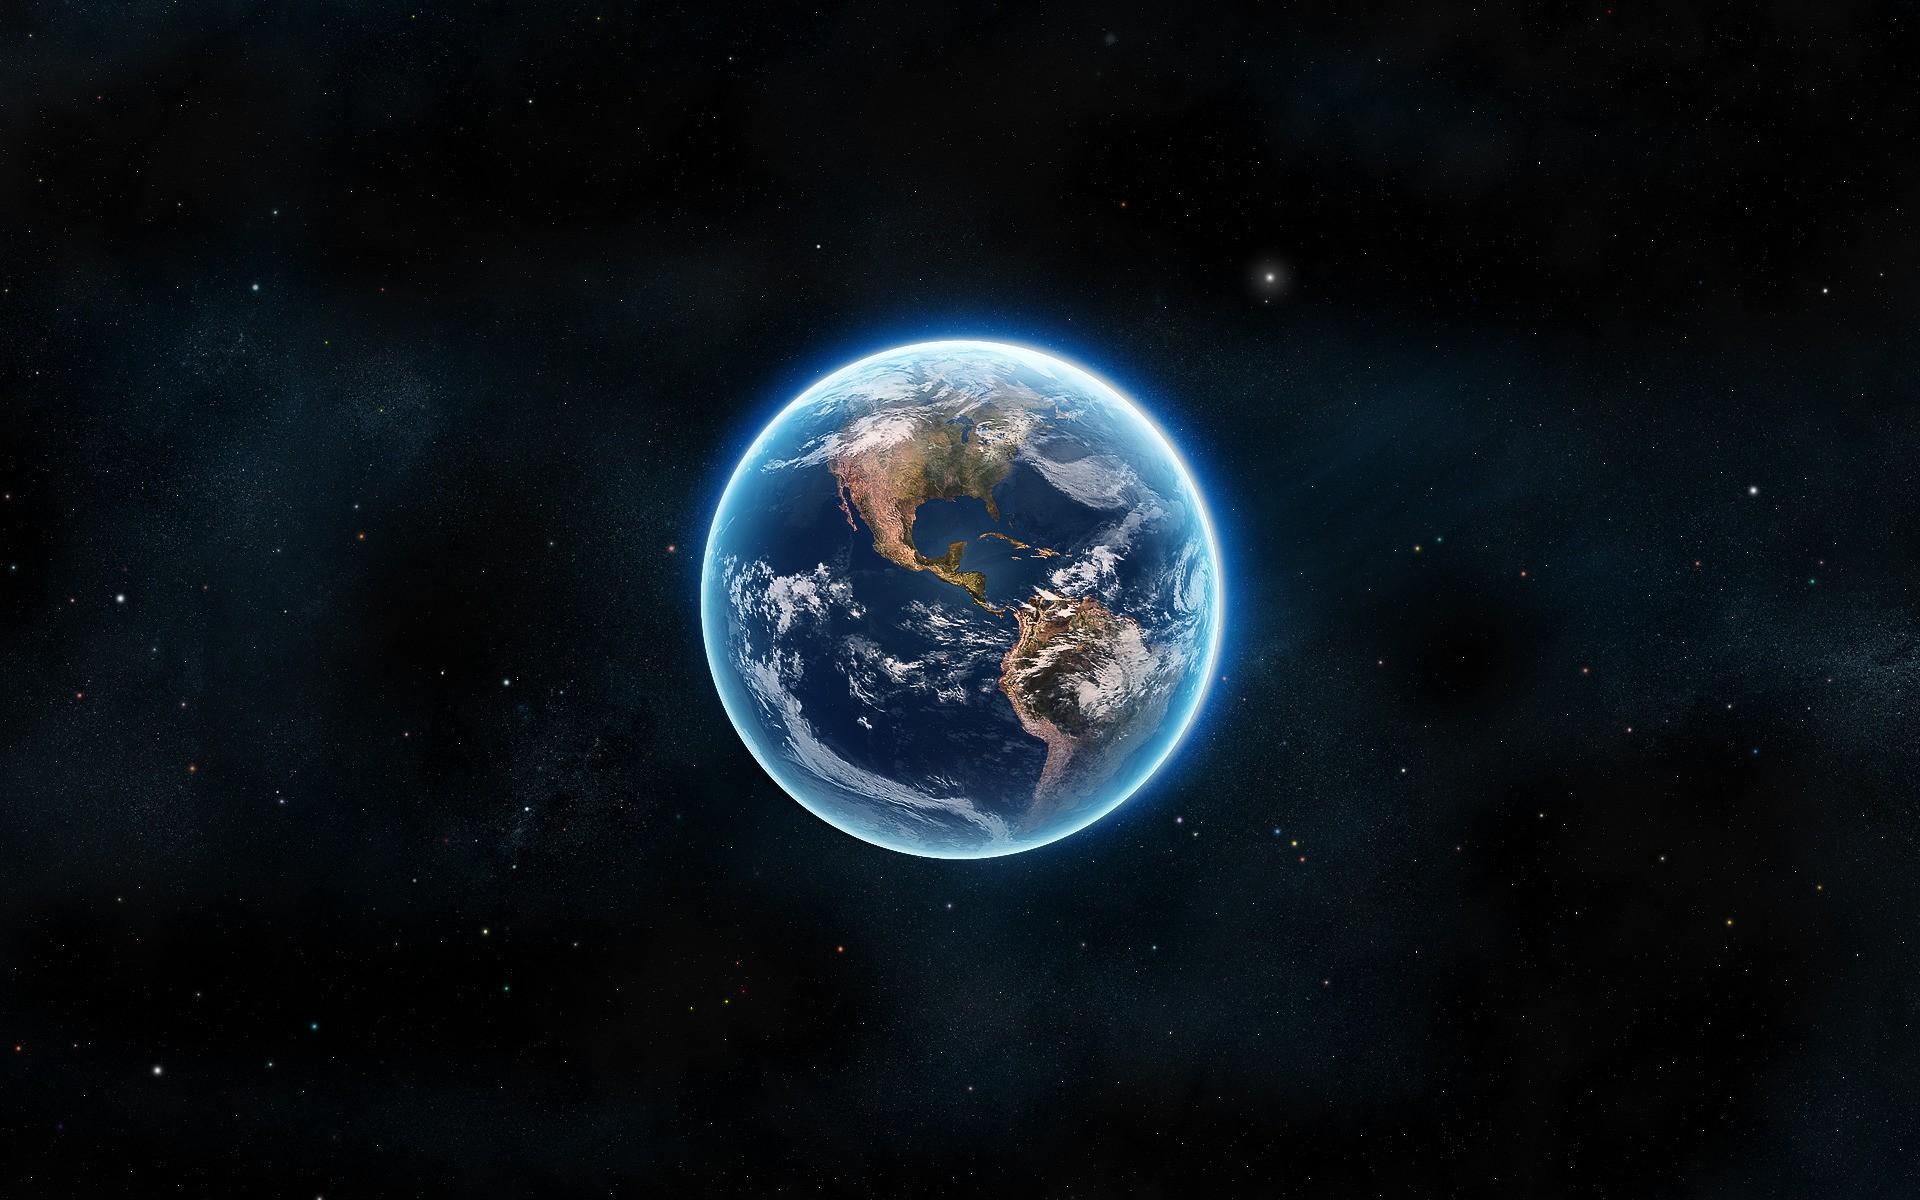 планета земля в космосе в рисунках